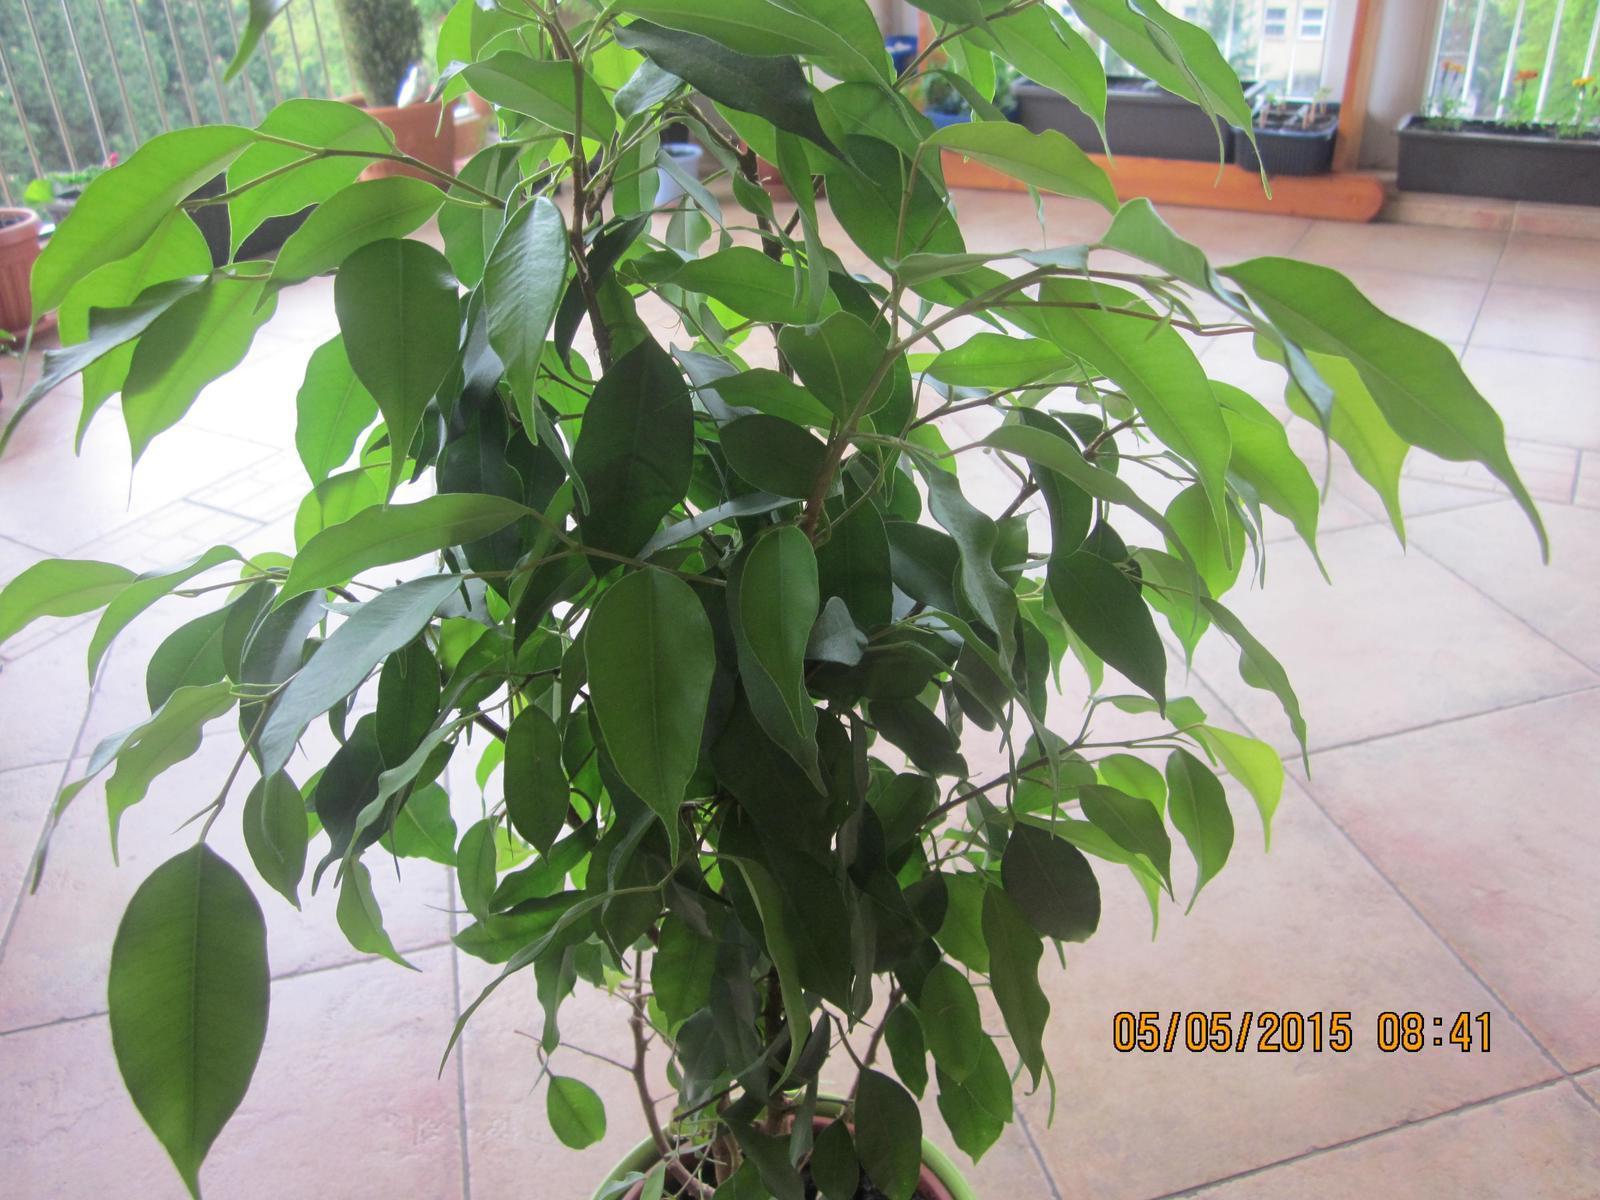 izb-kvet drobnolisty ficus Benjamin zelený - Obrázok č. 1